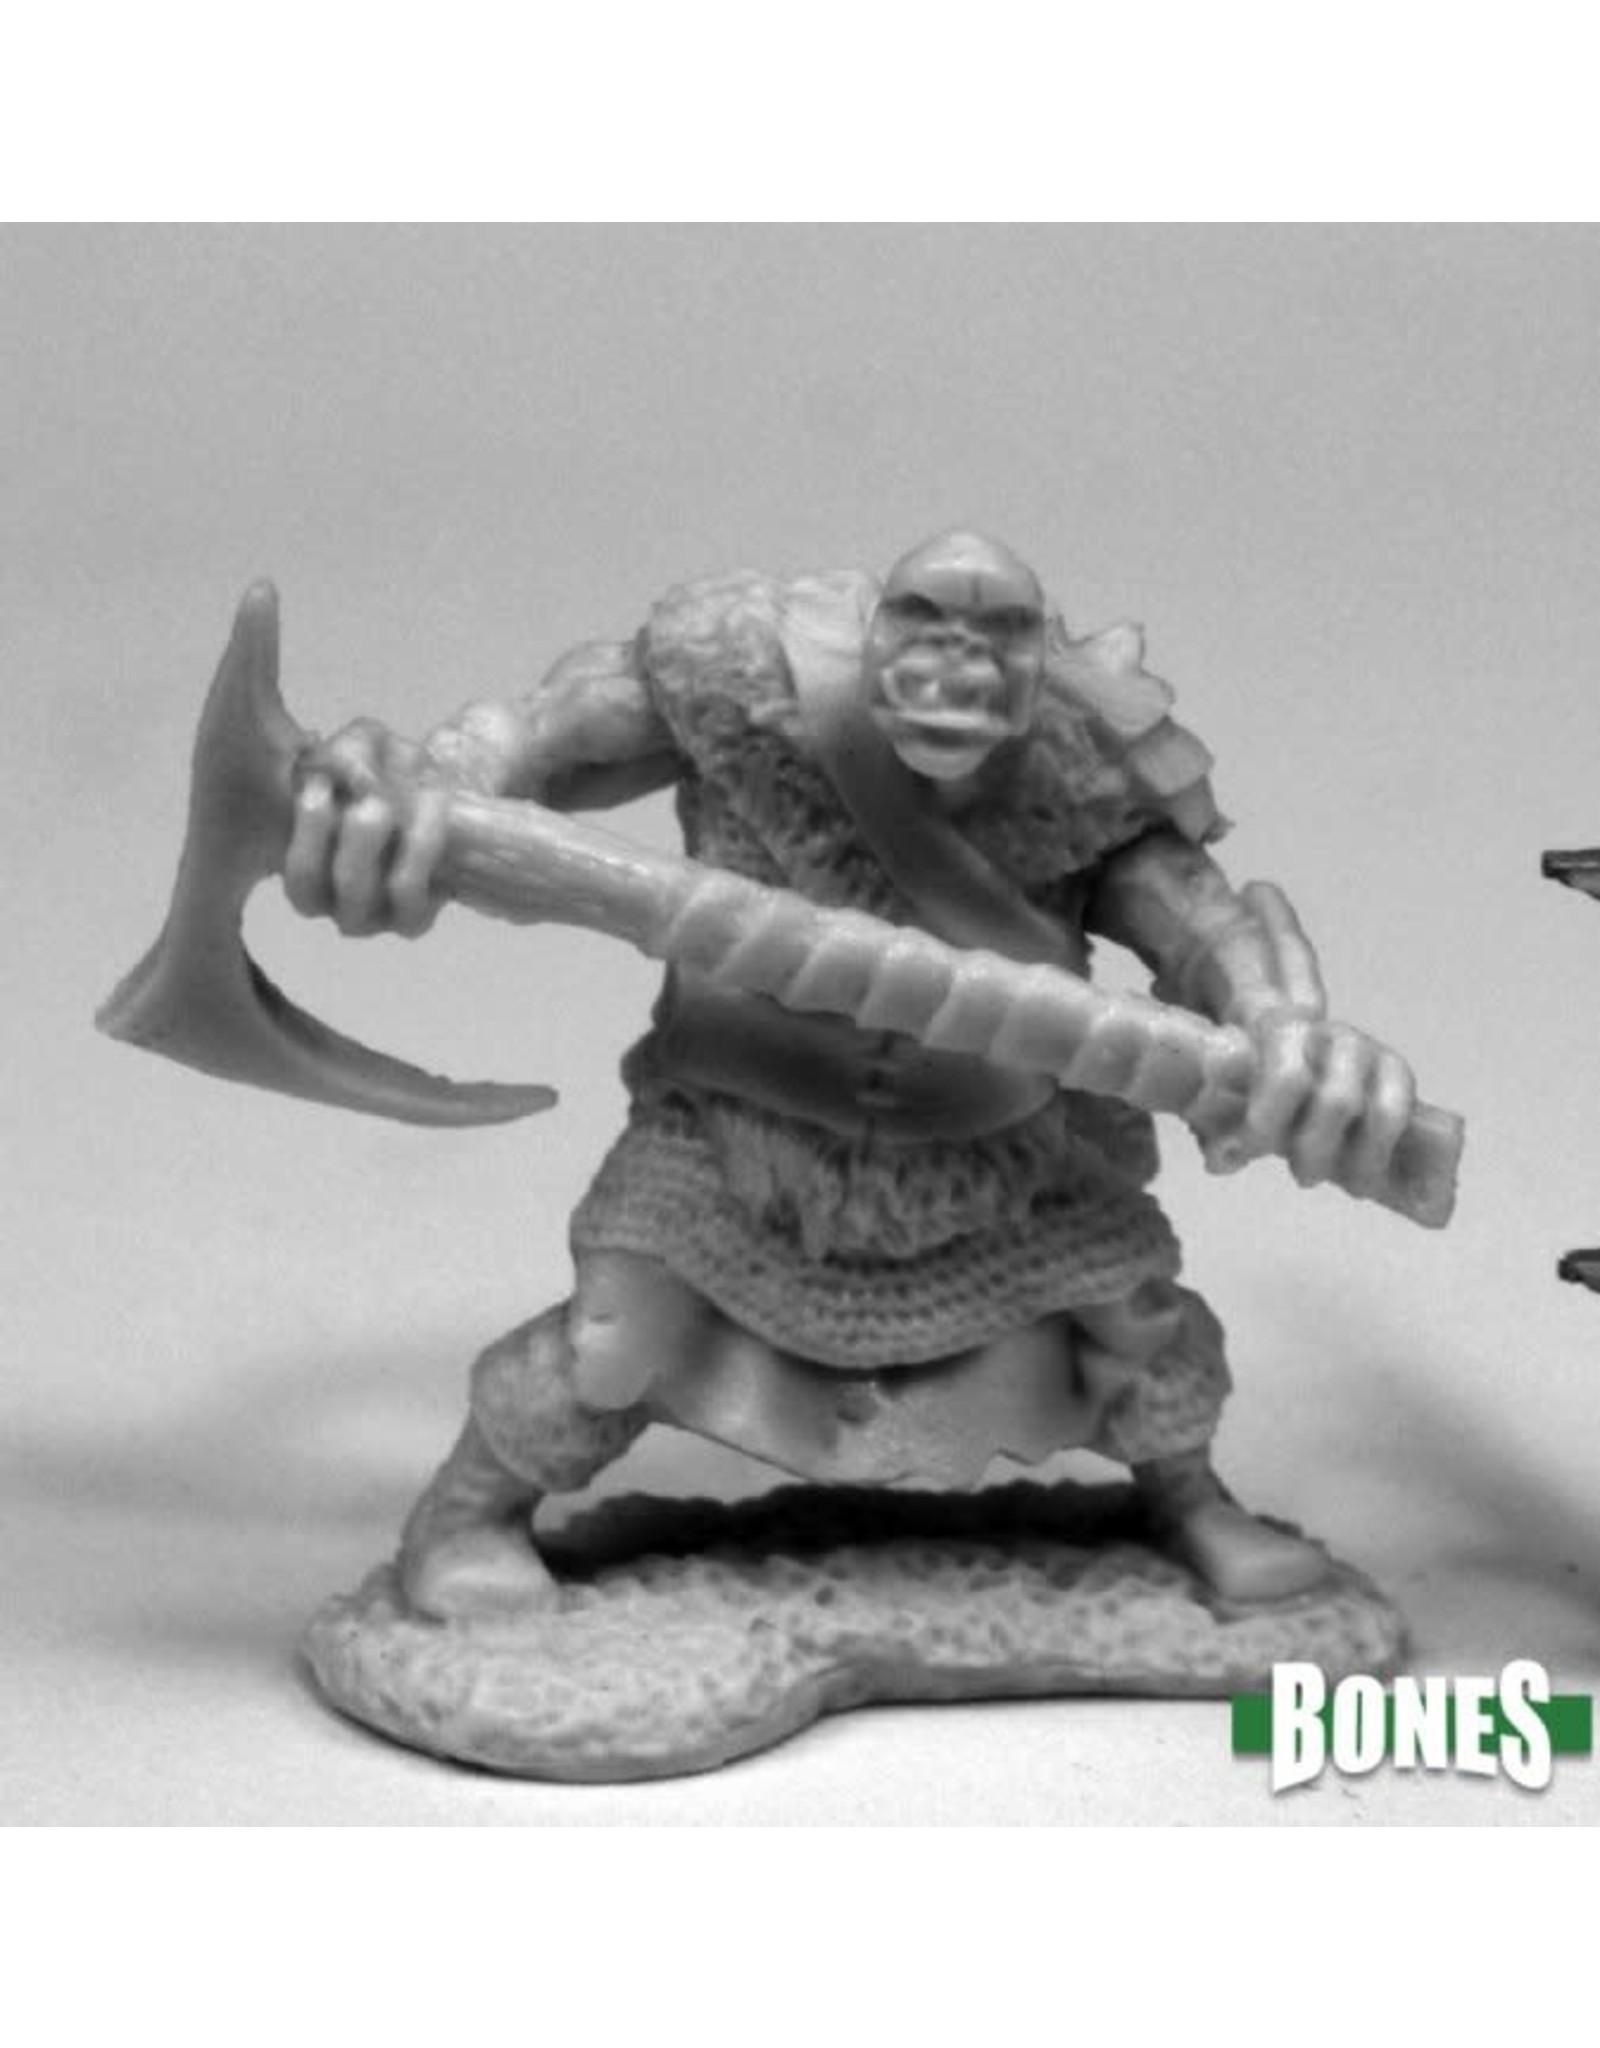 Reaper Miniatures Bones: Orc Chopper (2H Axe)